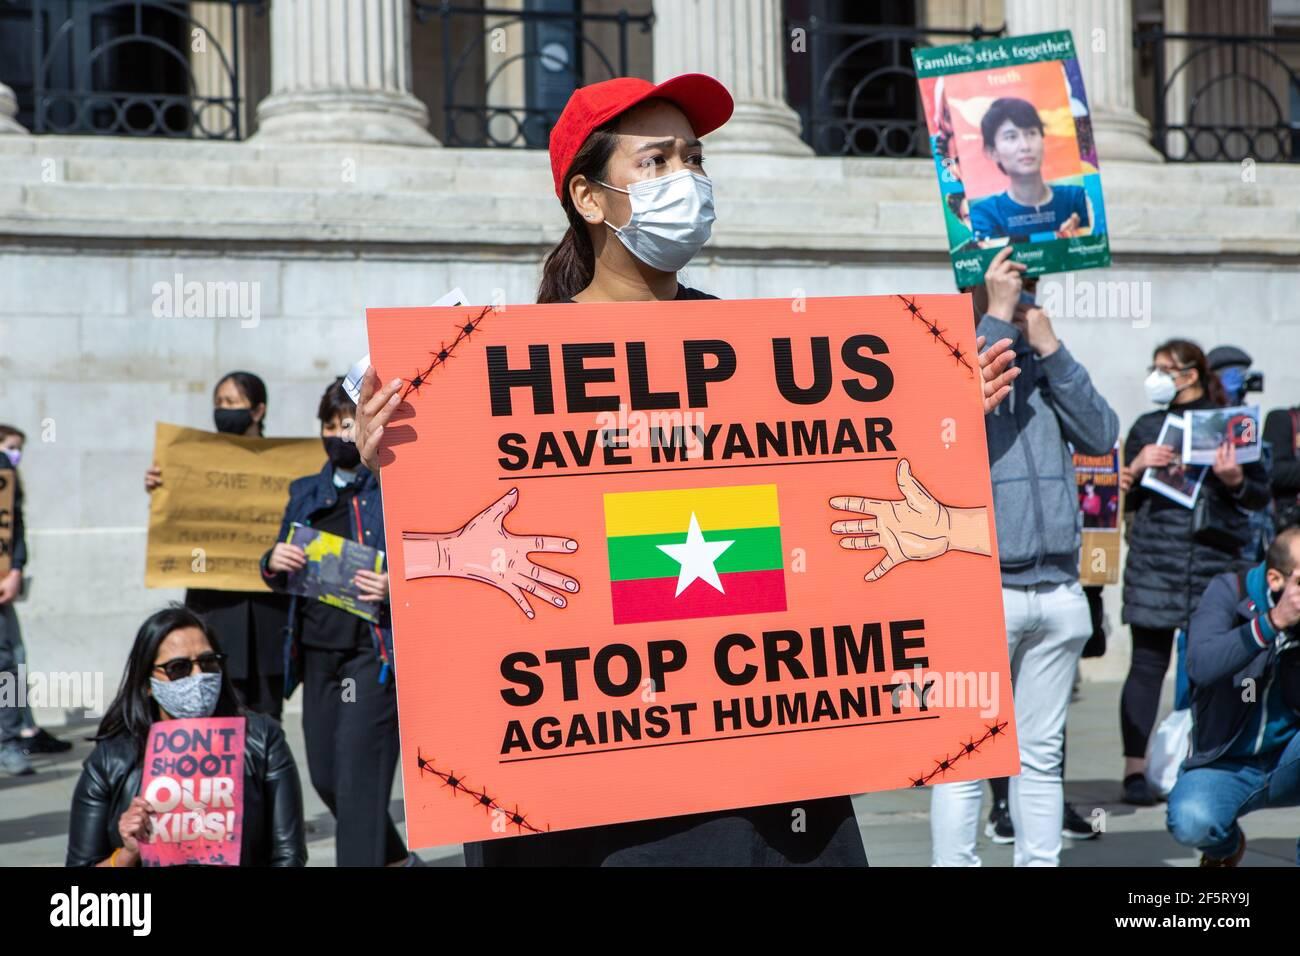 Un manifestant tient un écriteau exprimant son opinion lors d'une manifestation pacifique.les manifestants anti-coup d'État militaire du Myanmar se sont rassemblés sur Trafalgar Square alors que des dizaines d'autres personnes sont tuées dans le pays. La police et les militaires du Myanmar (tatmadow) ont attaqué les manifestants avec des balles en caoutchouc, des munitions réelles, des gaz lacrymogènes et des bombes lacrymogènes en réponse aux manifestants anti-coup d'État militaire qui ont tué samedi au Myanmar plus de 90 personnes et en ont blessé beaucoup d'autres. Au moins 300 personnes ont été tuées au Myanmar depuis le coup d'État du 1er février, a déclaré un responsable des droits de l'homme de l'ONU. Counsell d'État détenu par l'armée du Myanmar Banque D'Images